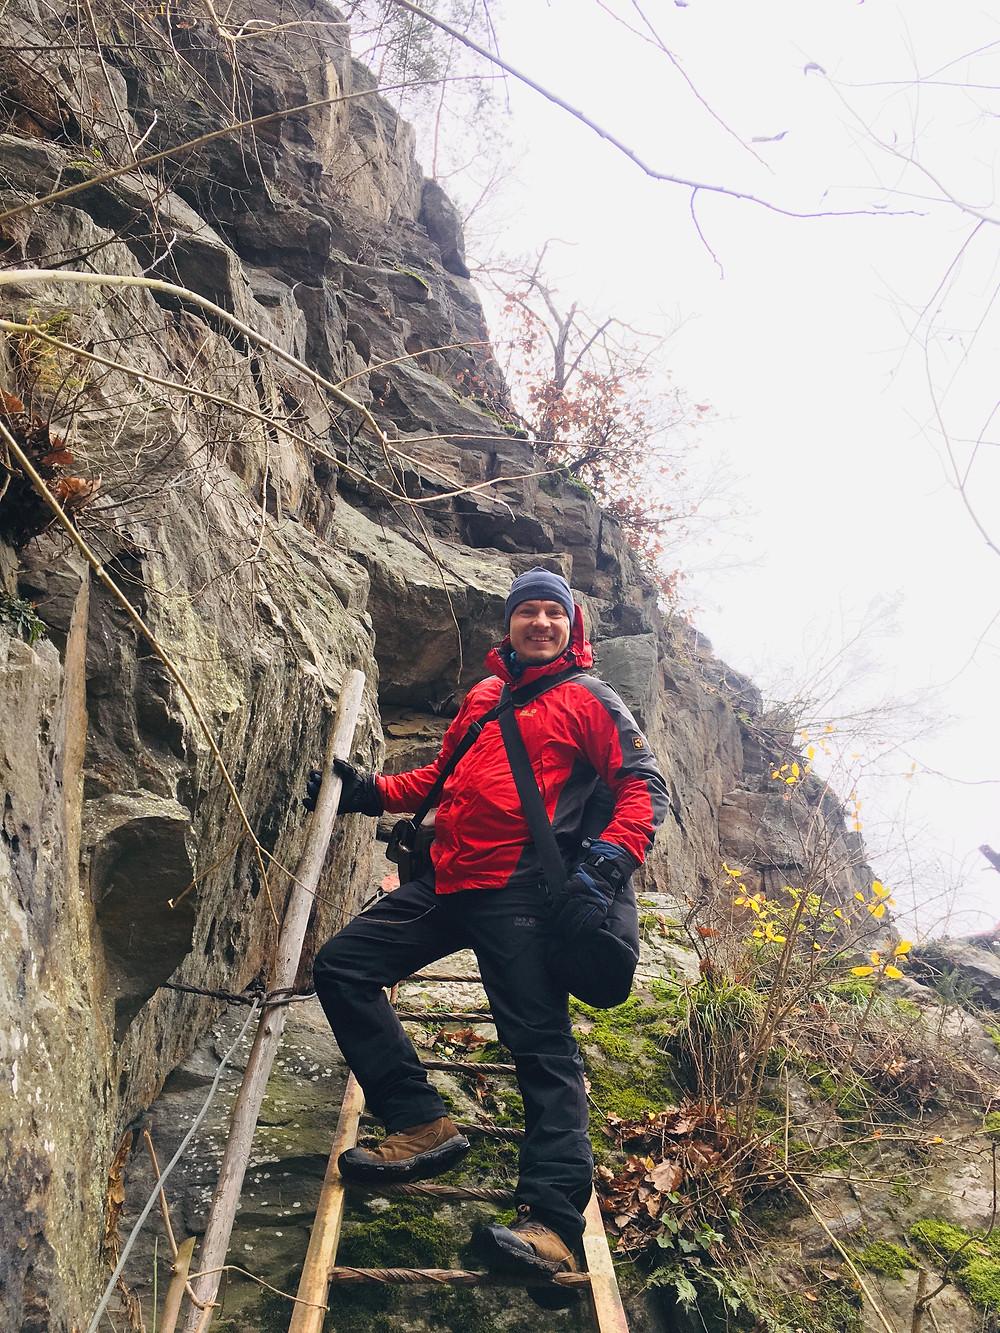 Krumau am Kamp, Waldviertel, Niederösterreich, Wandern, Wanderung, Winterwandern, Steig, Leiter, trittsicher, Trittsicherheit